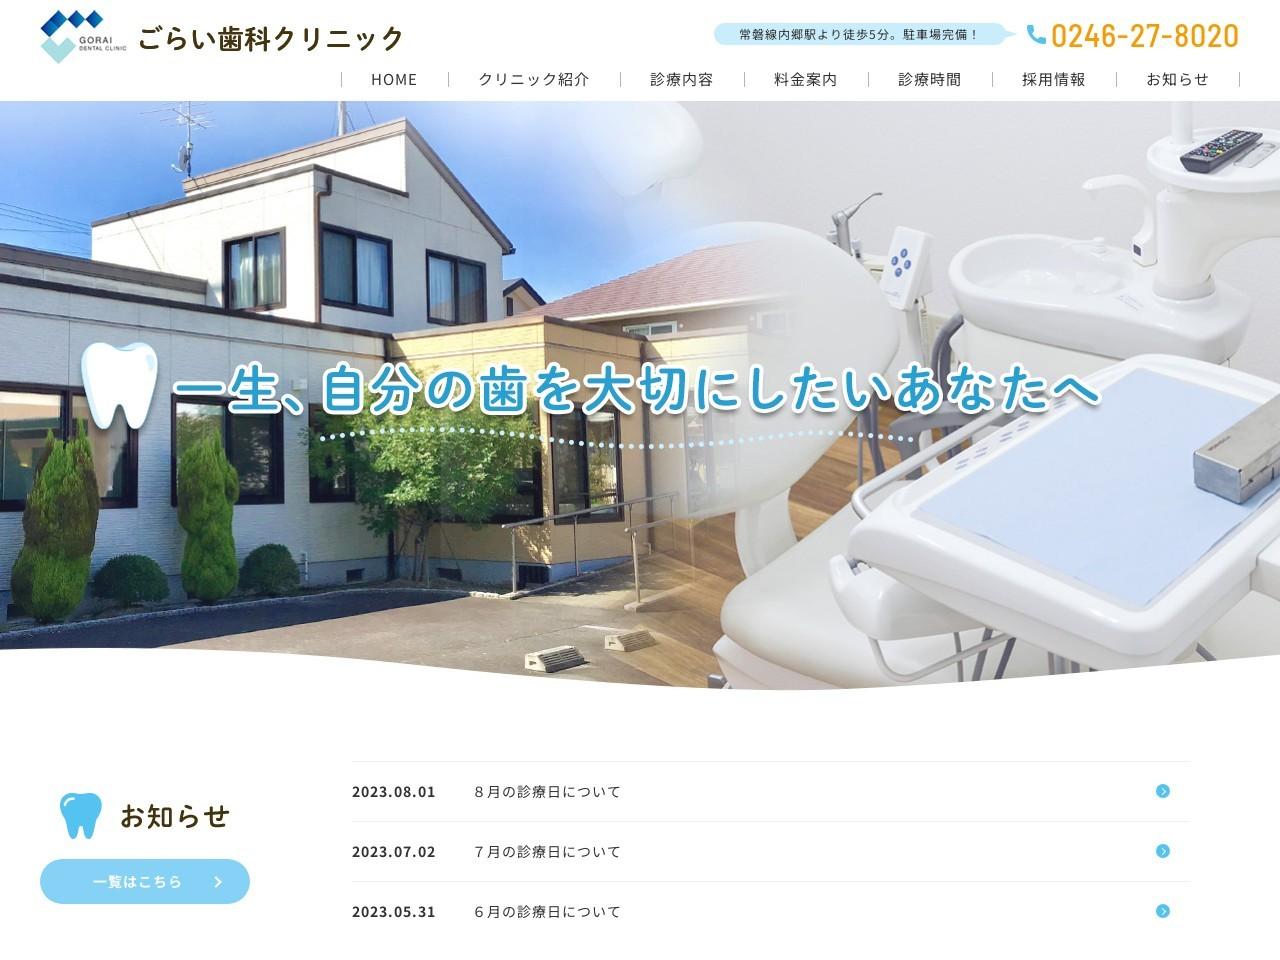 ごらい歯科クリニック (福島県いわき市)